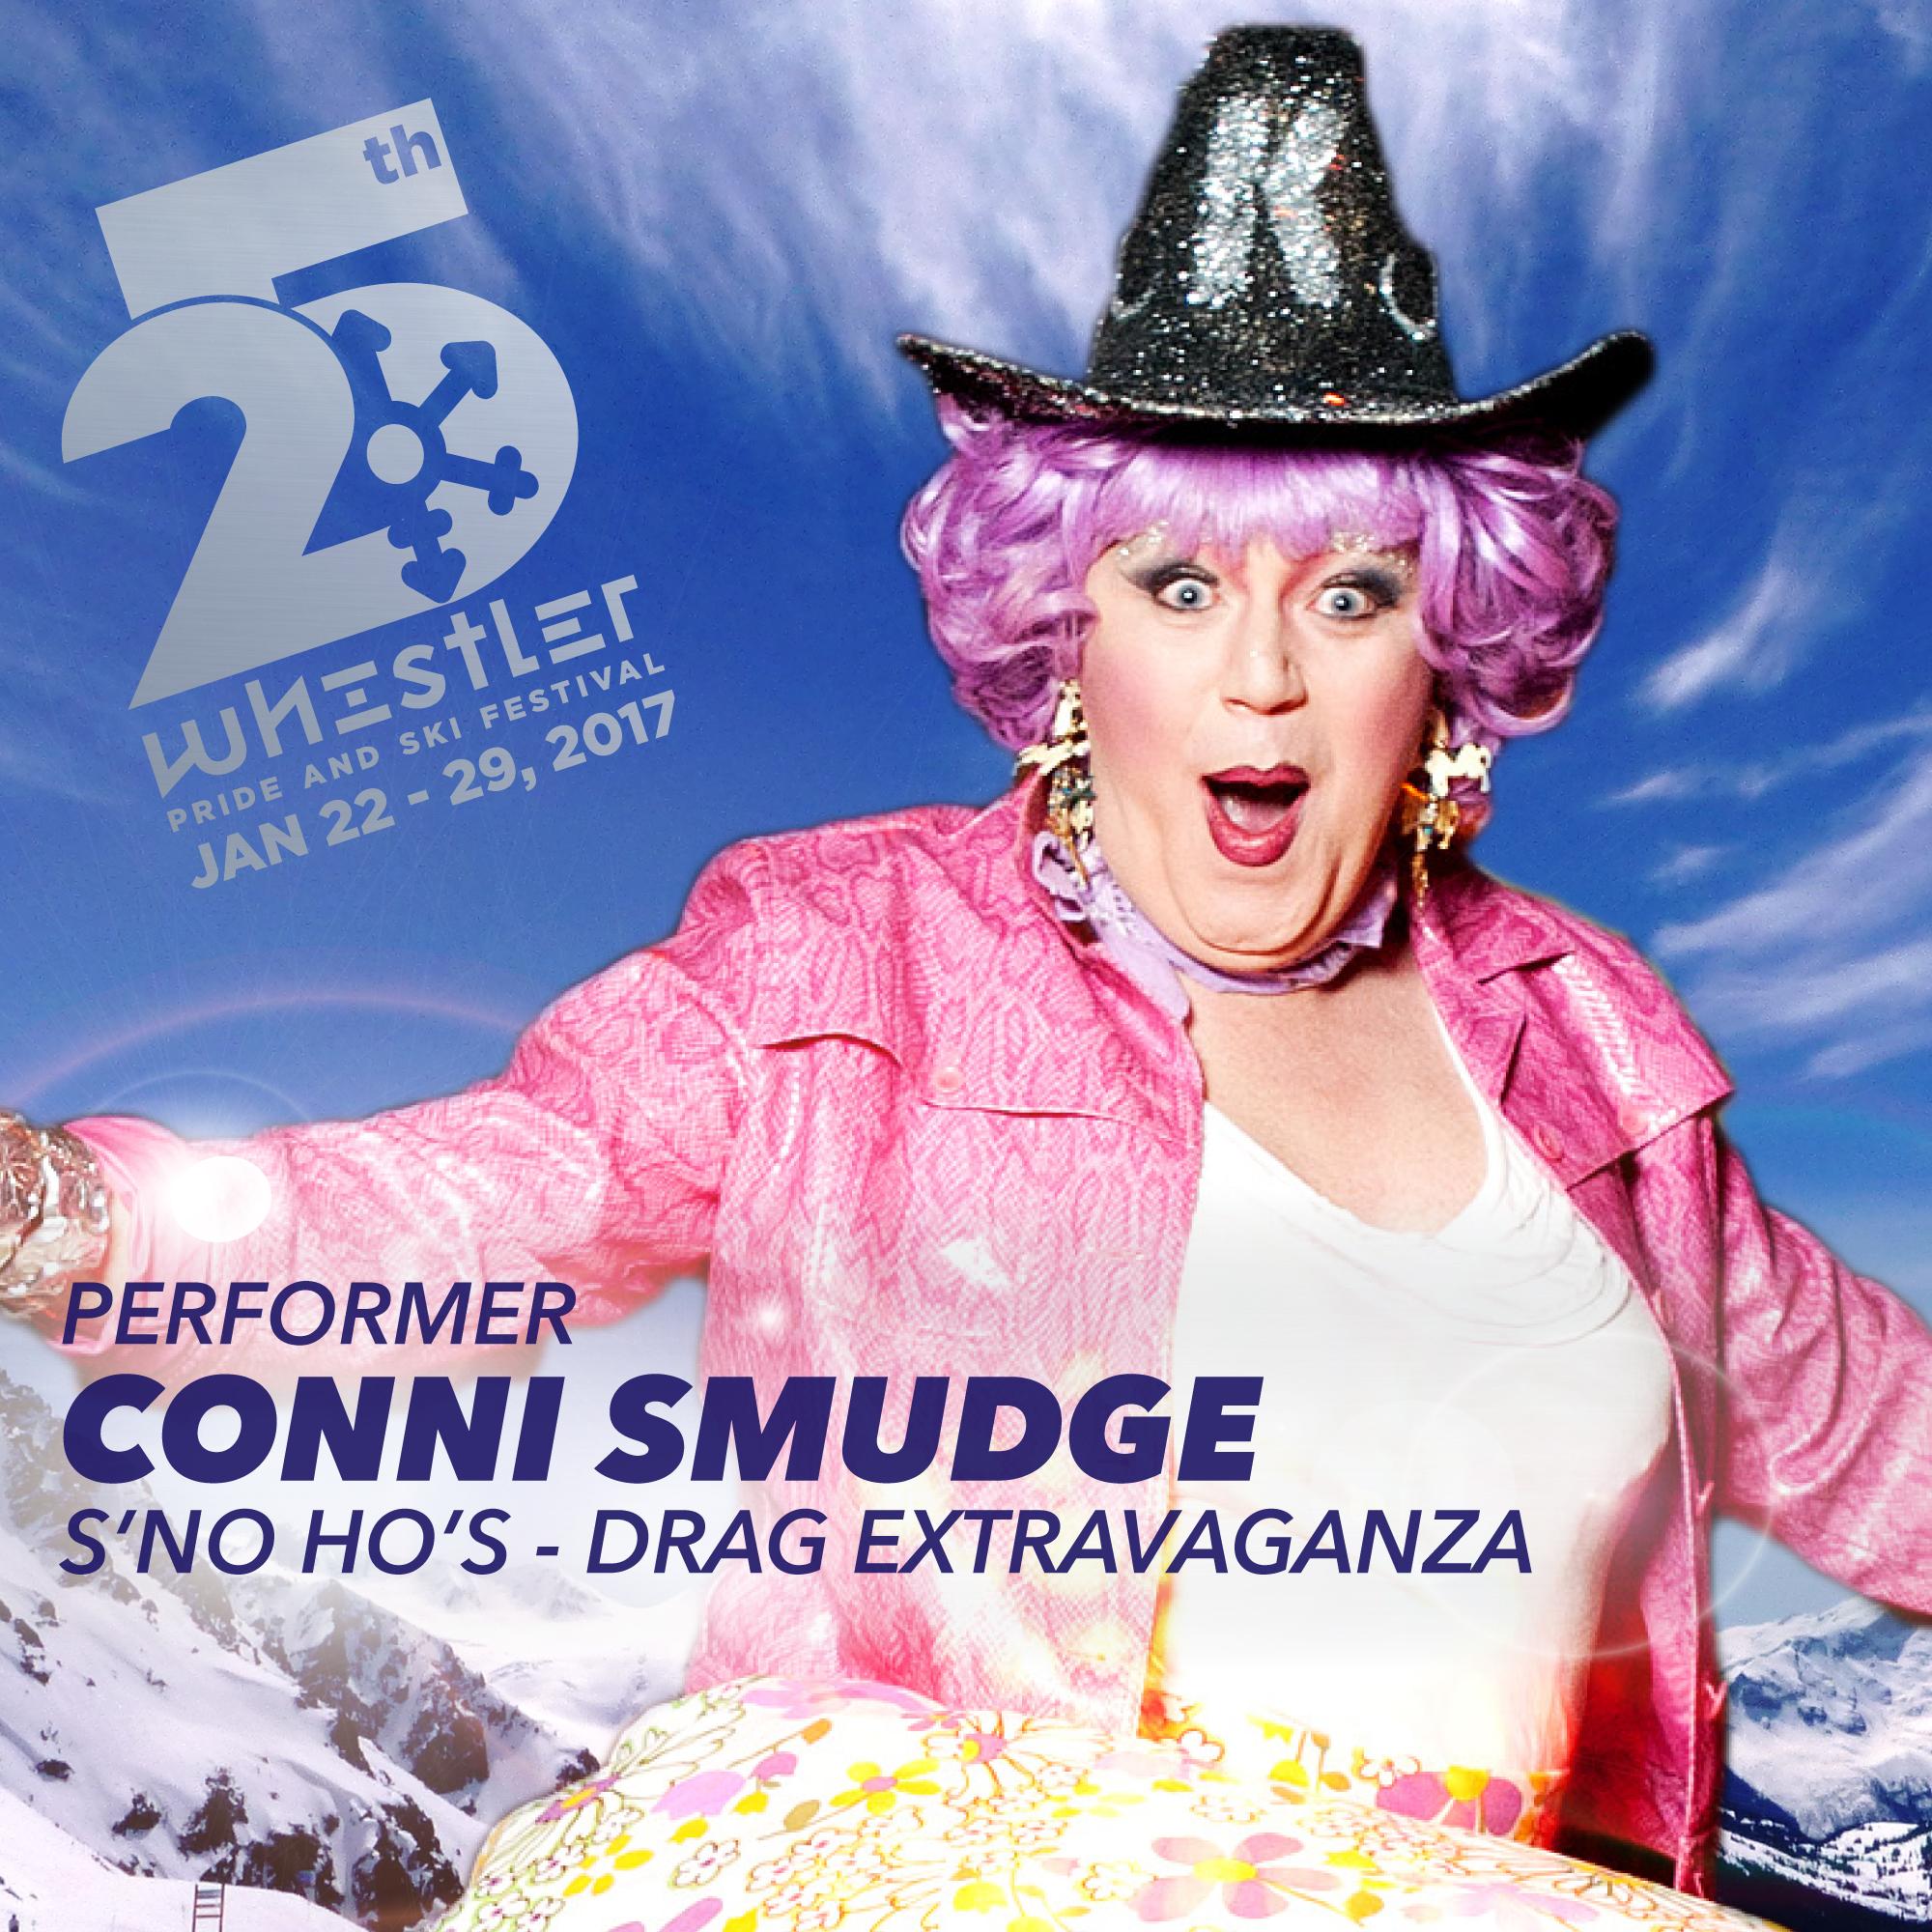 Conni Smudge 2017 at Whistler Pride